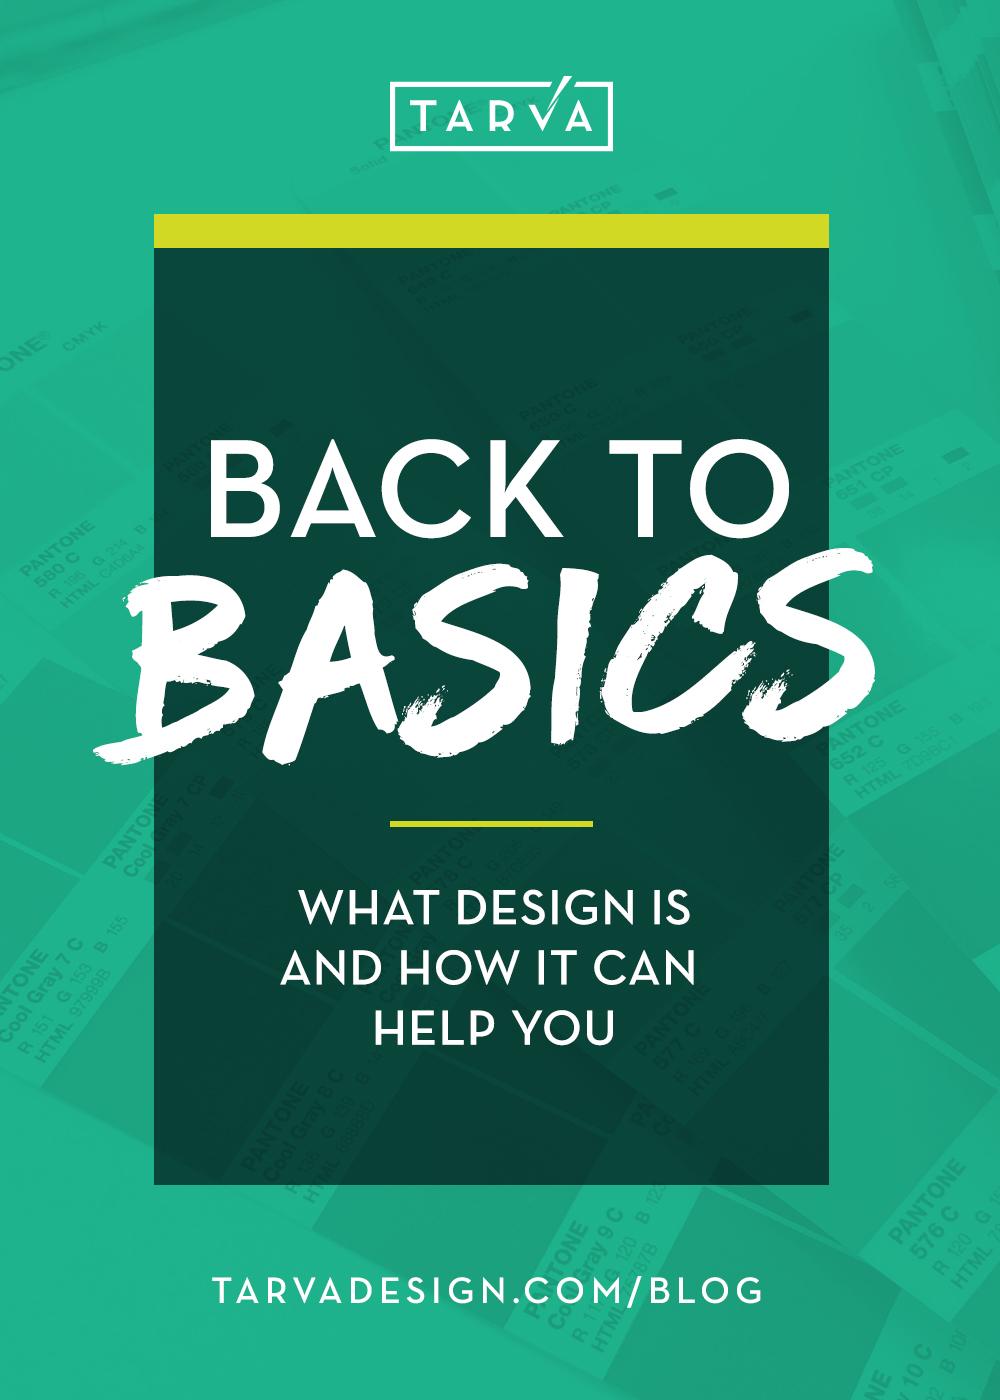 Tarva+Design+Studio_Back+To+Basics_Blog+Post.jpg